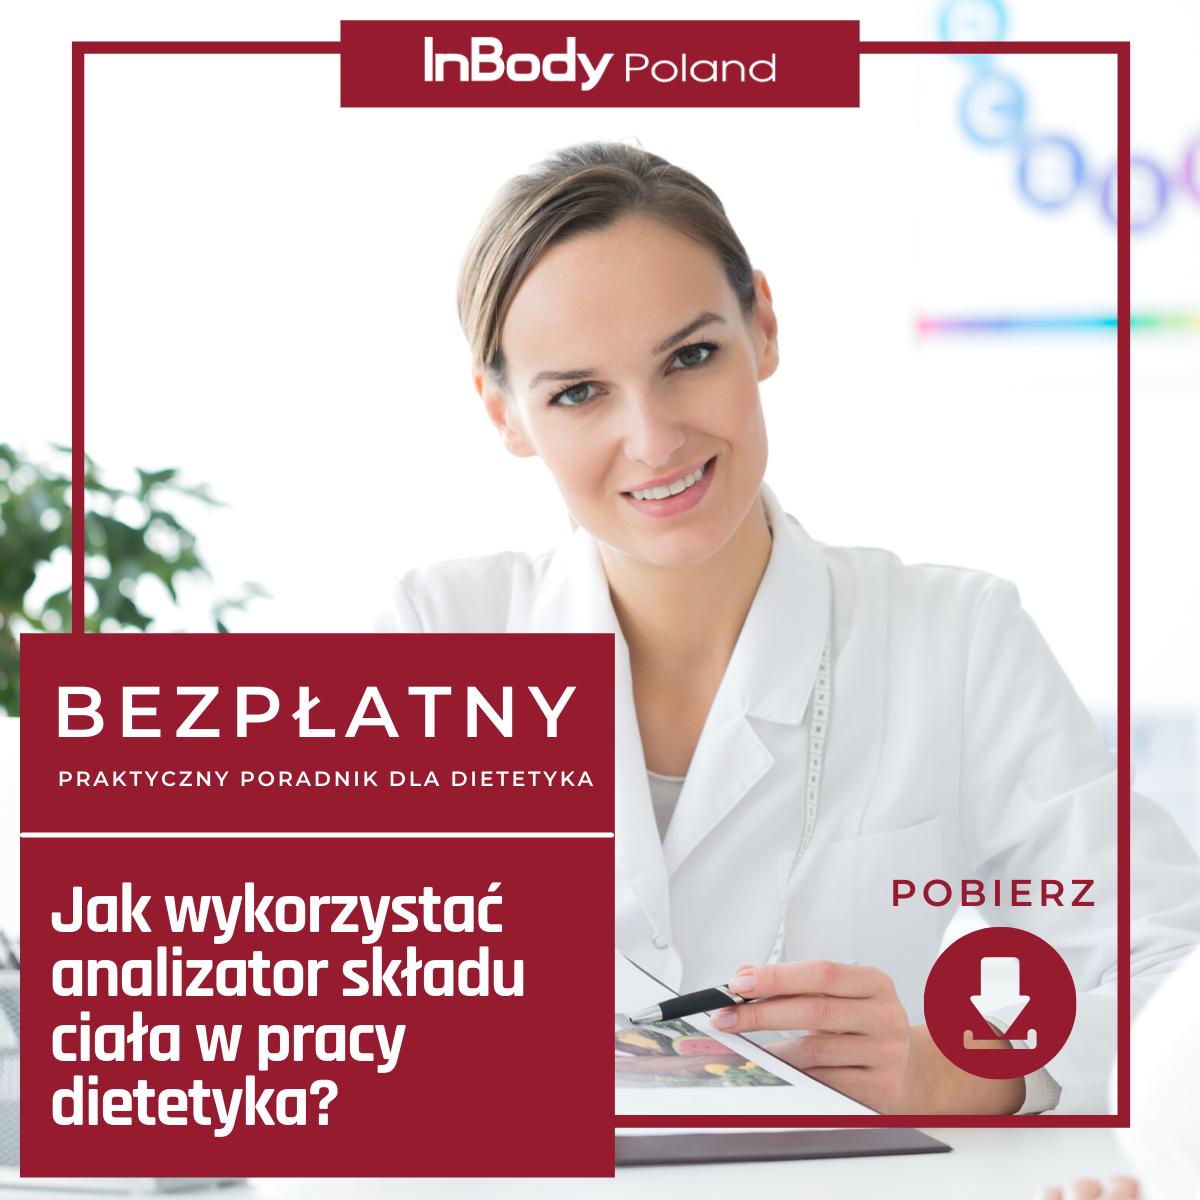 Darmowy poradnik dla dietetyka